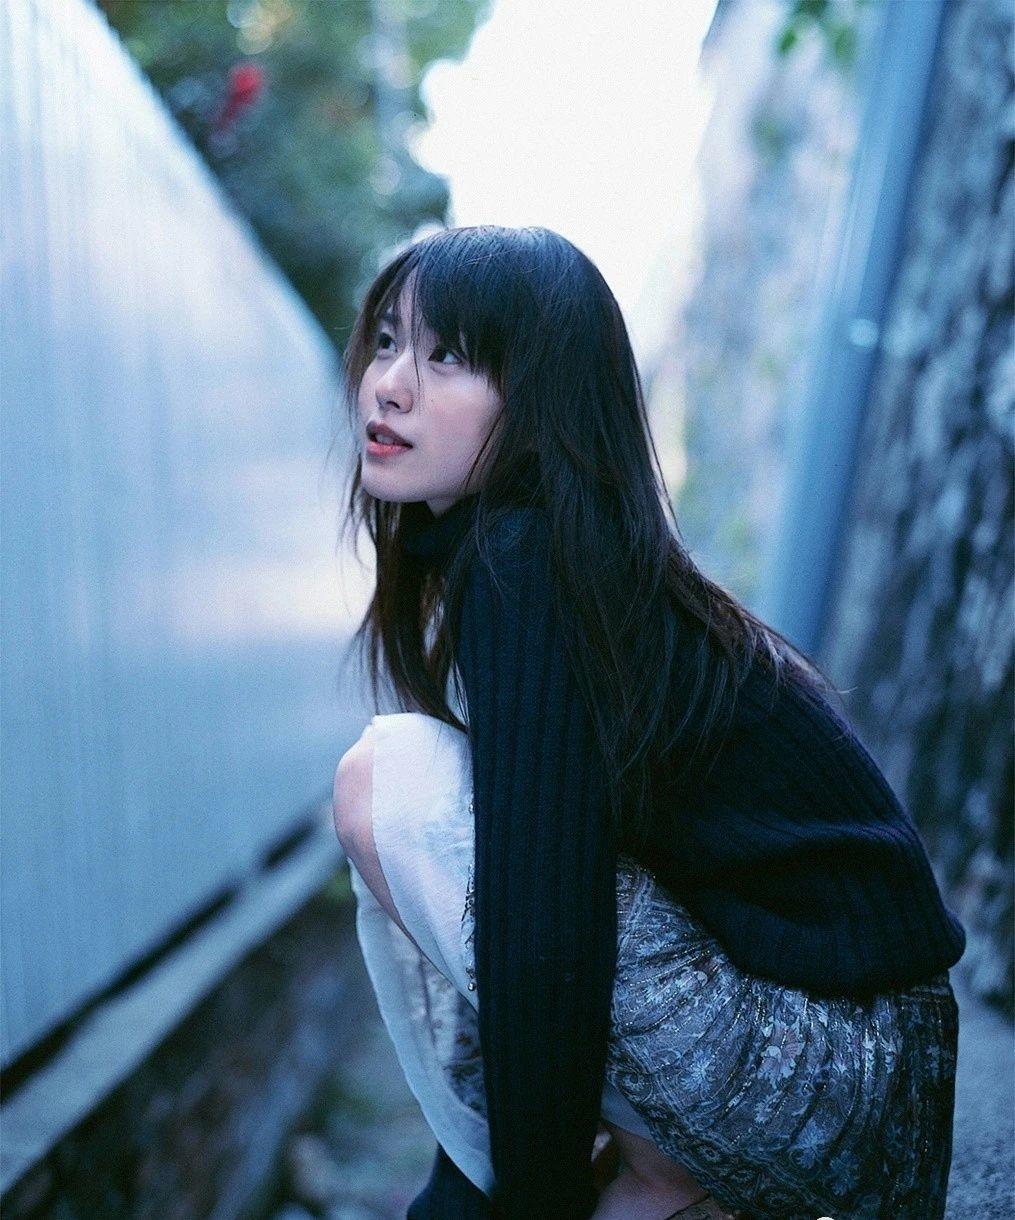 美的不可方物少女时代的户田惠梨香写真作品 (46)